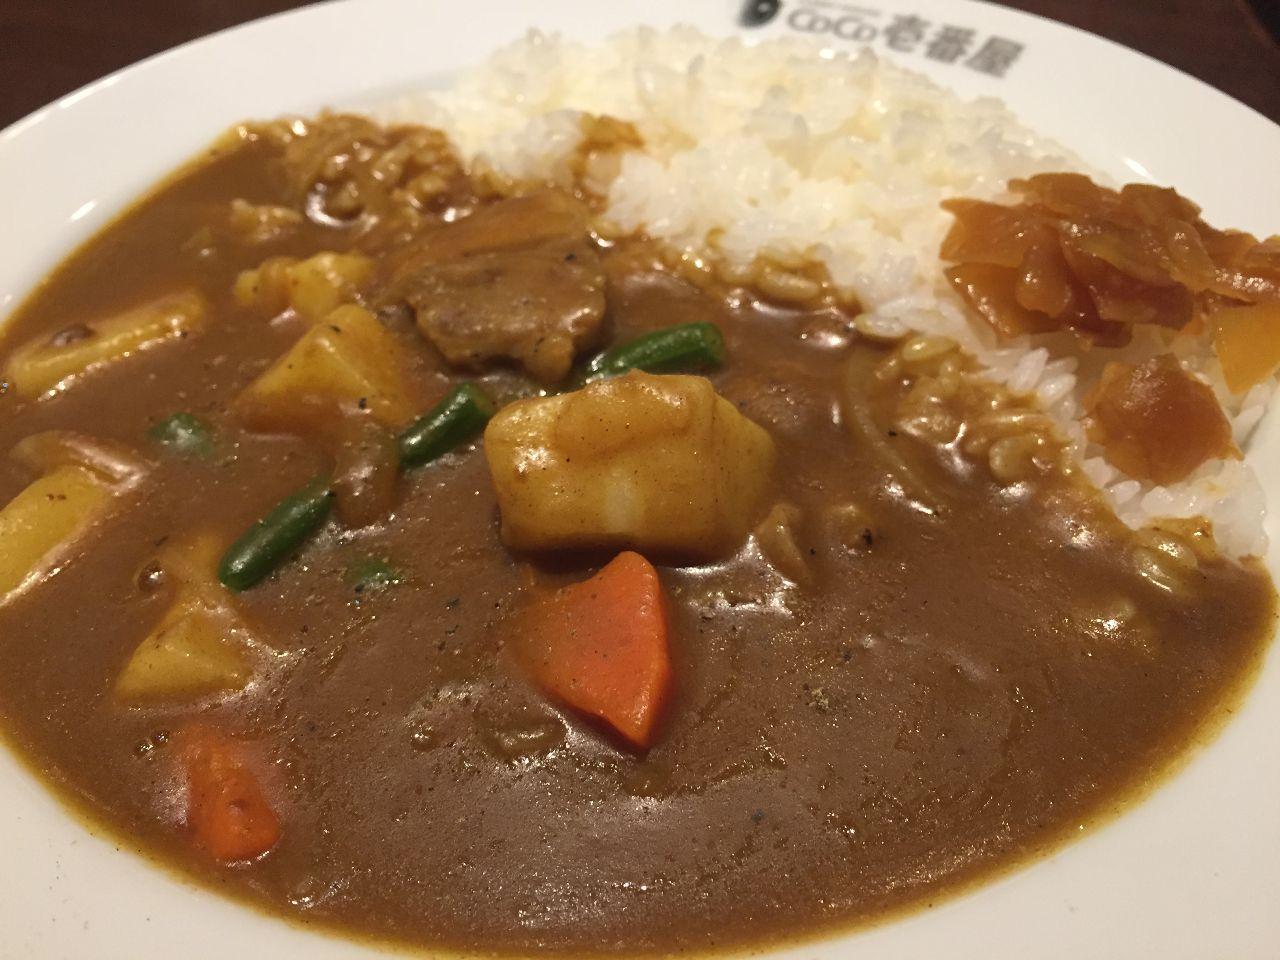 (´・ω・`) 知らんがな 寒いんで  今夜はCoCo壱で  カレーをヒィ〜ヒィ〜言いながら食うてます  2辛で汗ダクダク